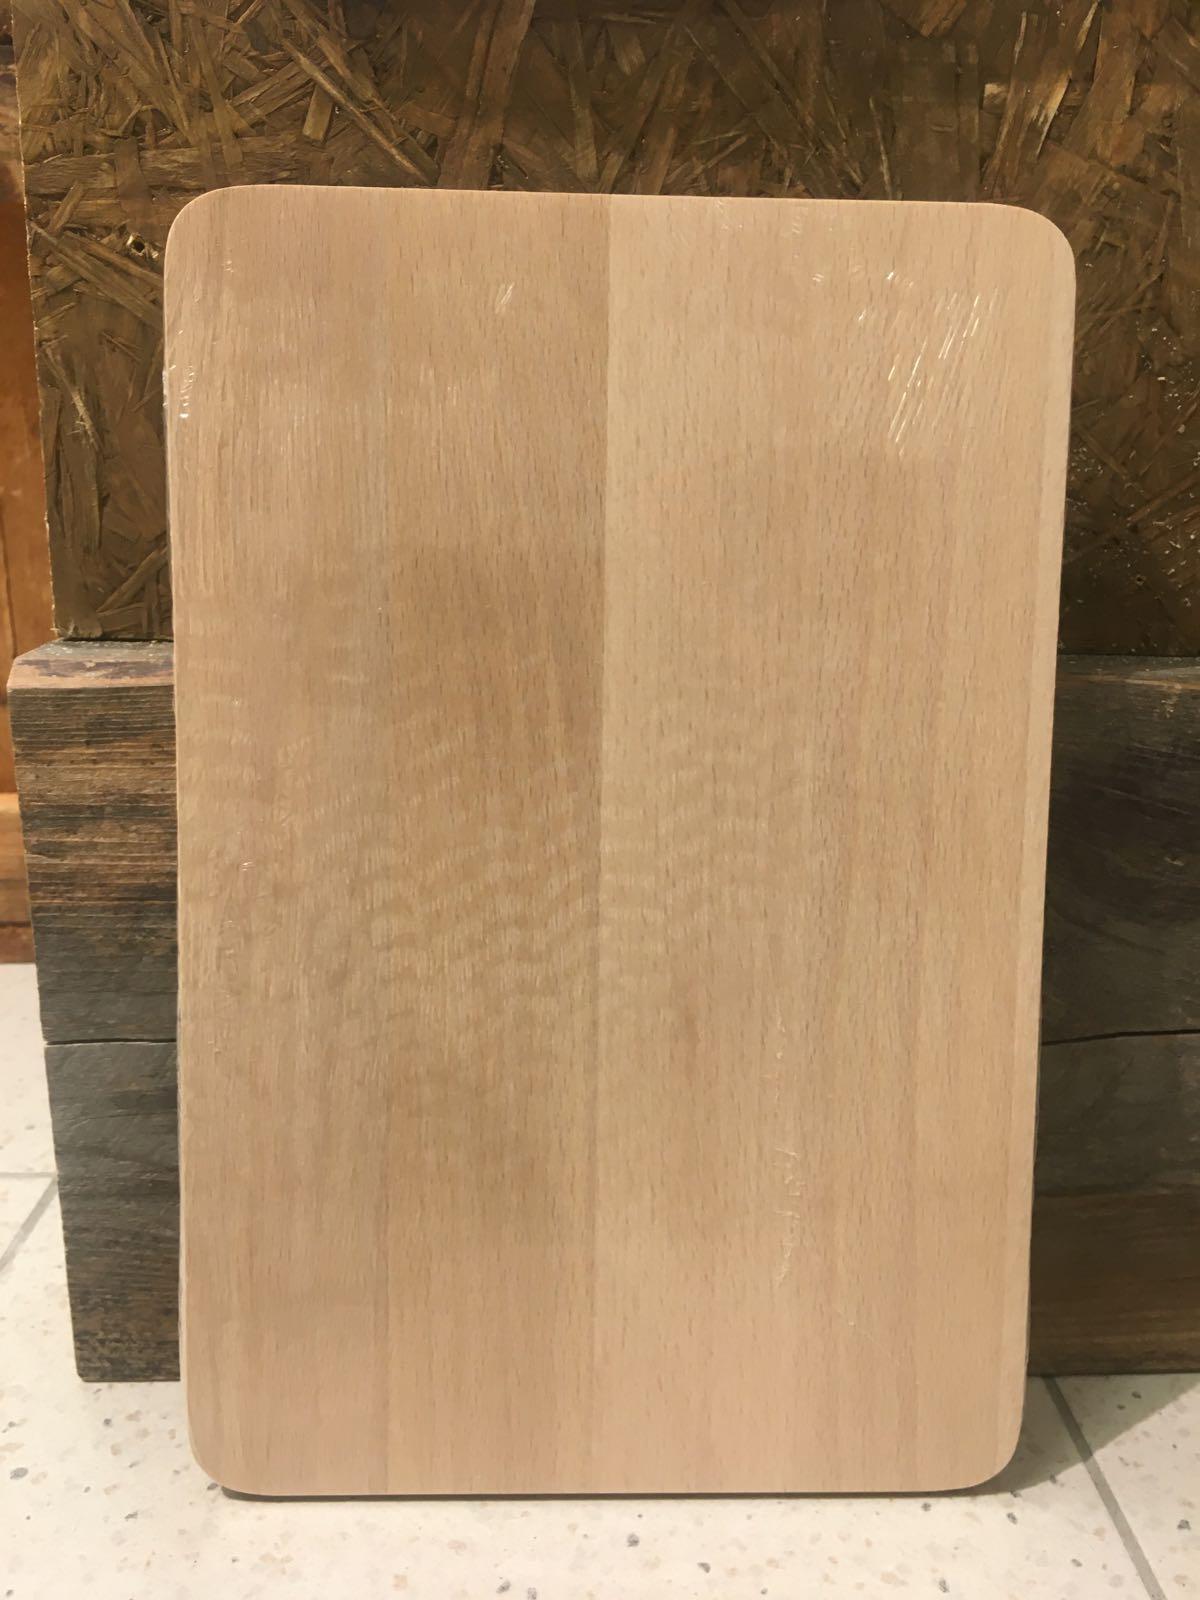 Trefjøl 20 x 30 cm